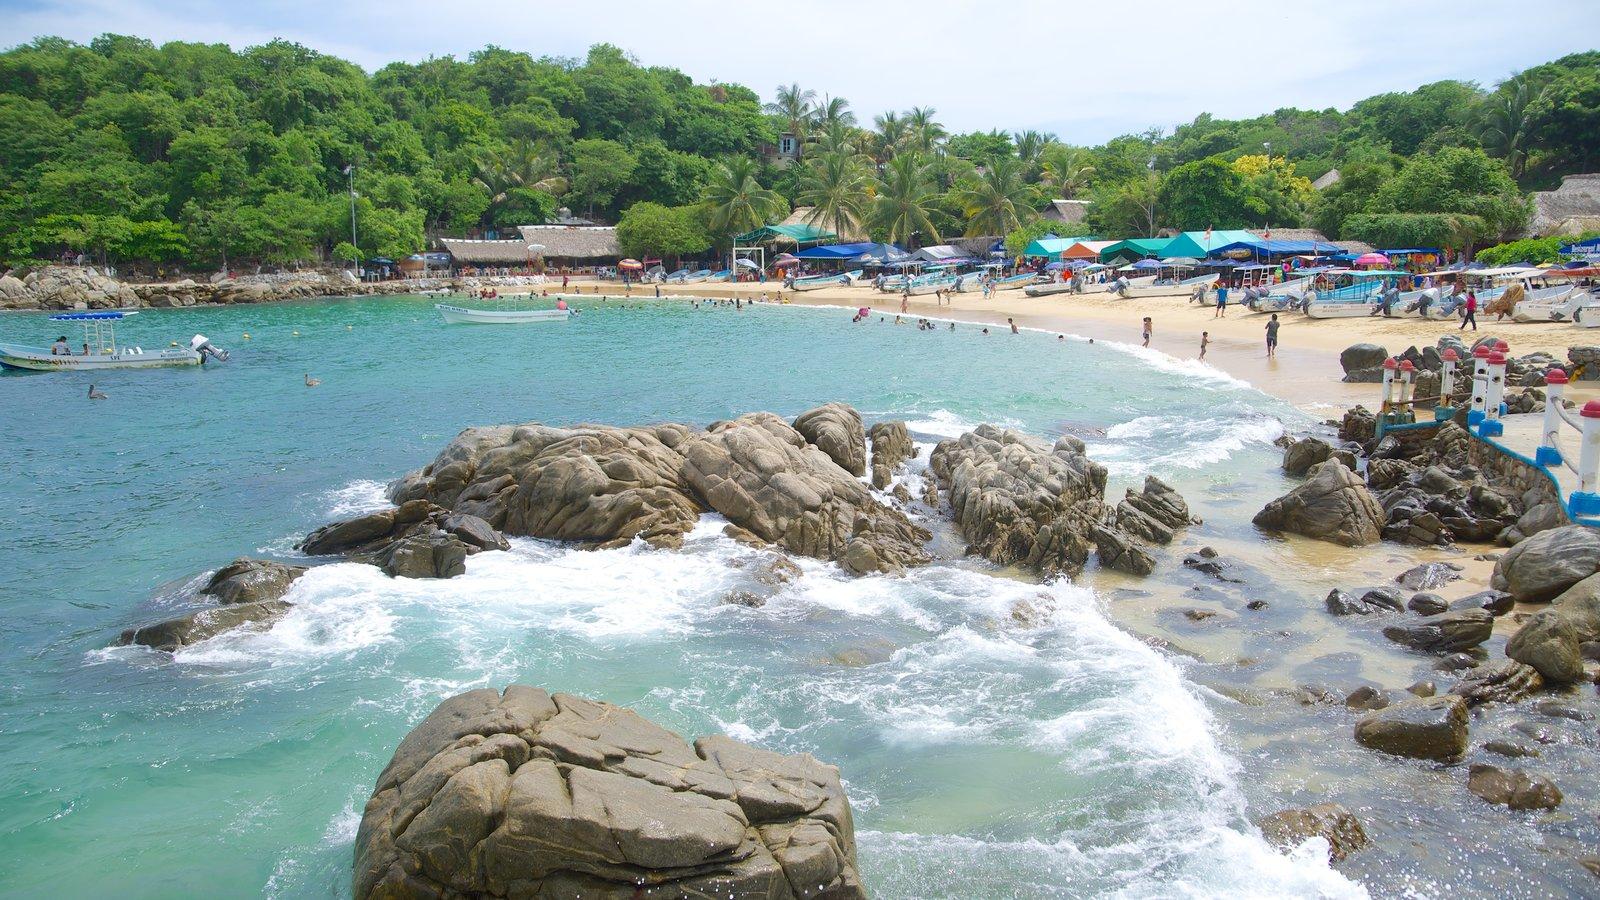 Playa Puerto Angelito mostrando una playa, costa rocosa y una ciudad costera